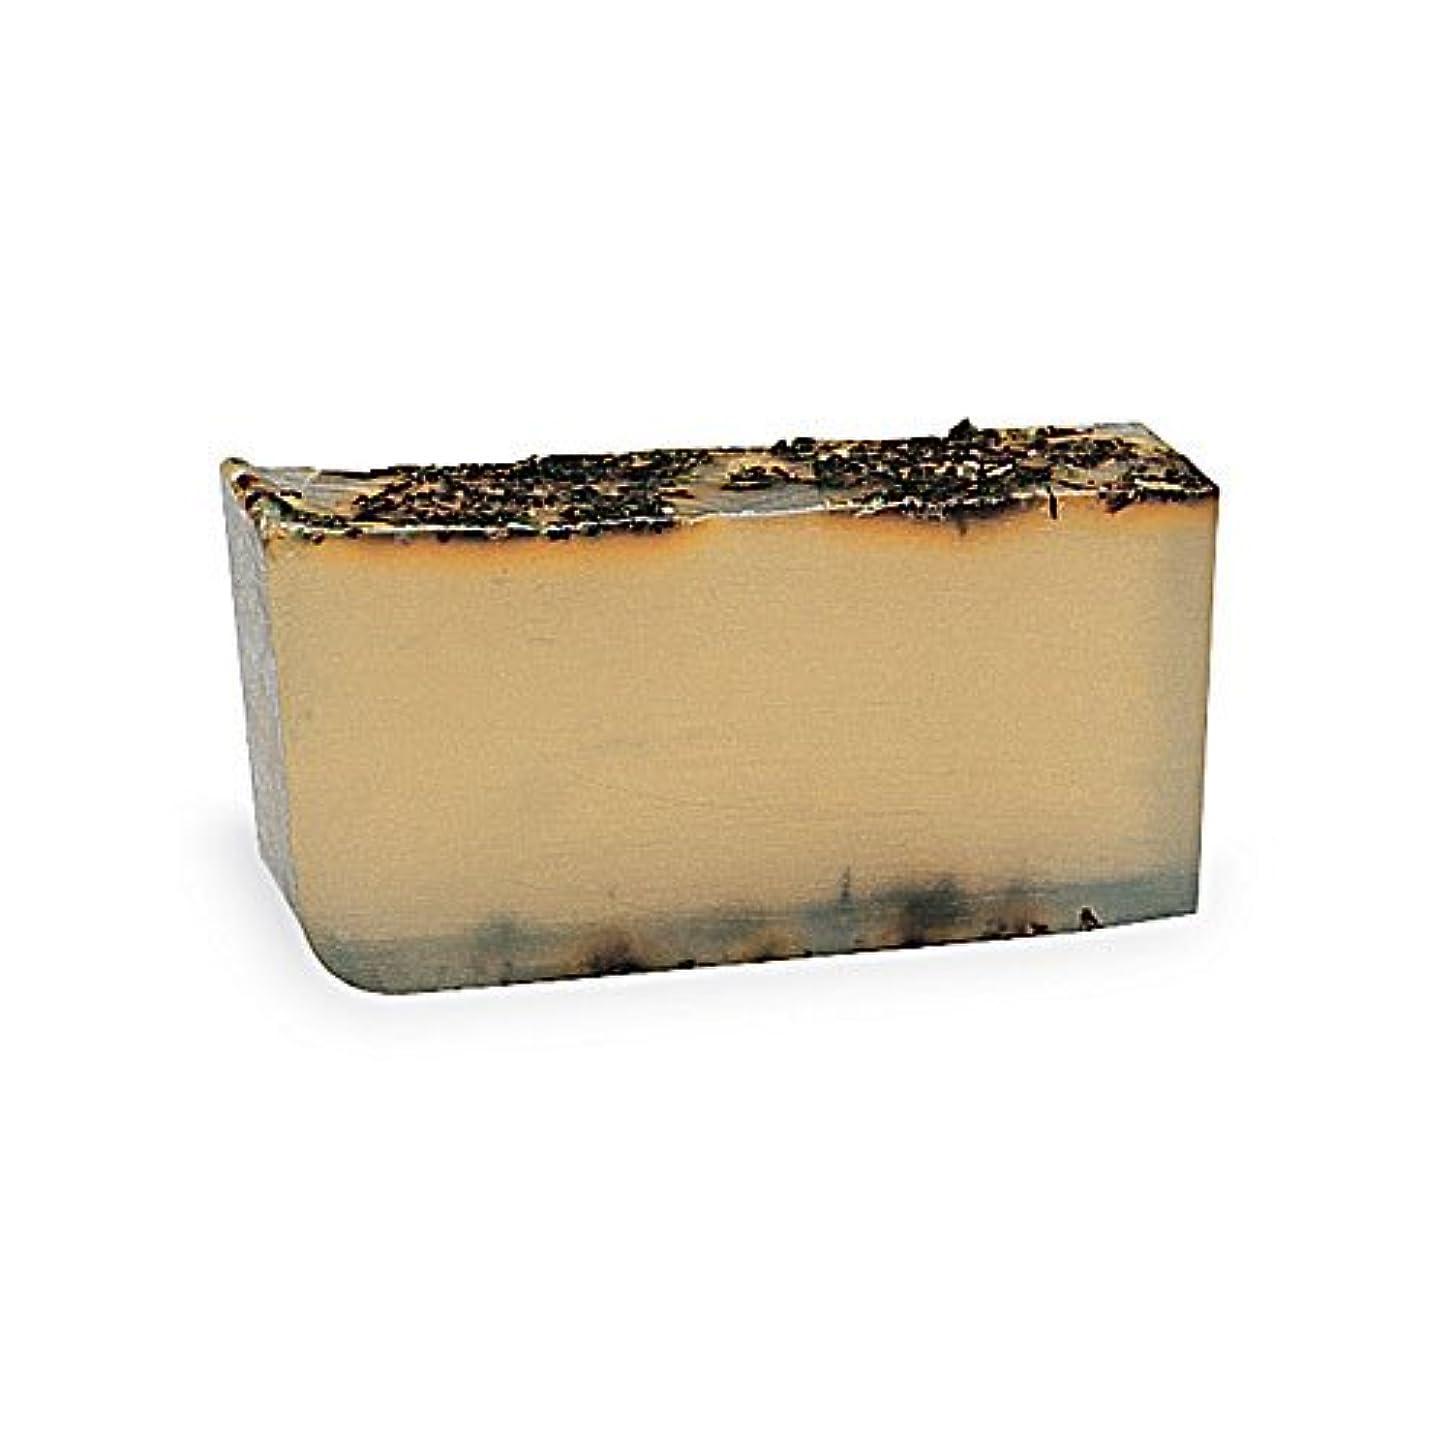 持っているウォルターカニンガム追加するプライモールエレメンツ アロマティック ソープ プライモールディフェンス 180g 植物性 ナチュラル 石鹸 無添加